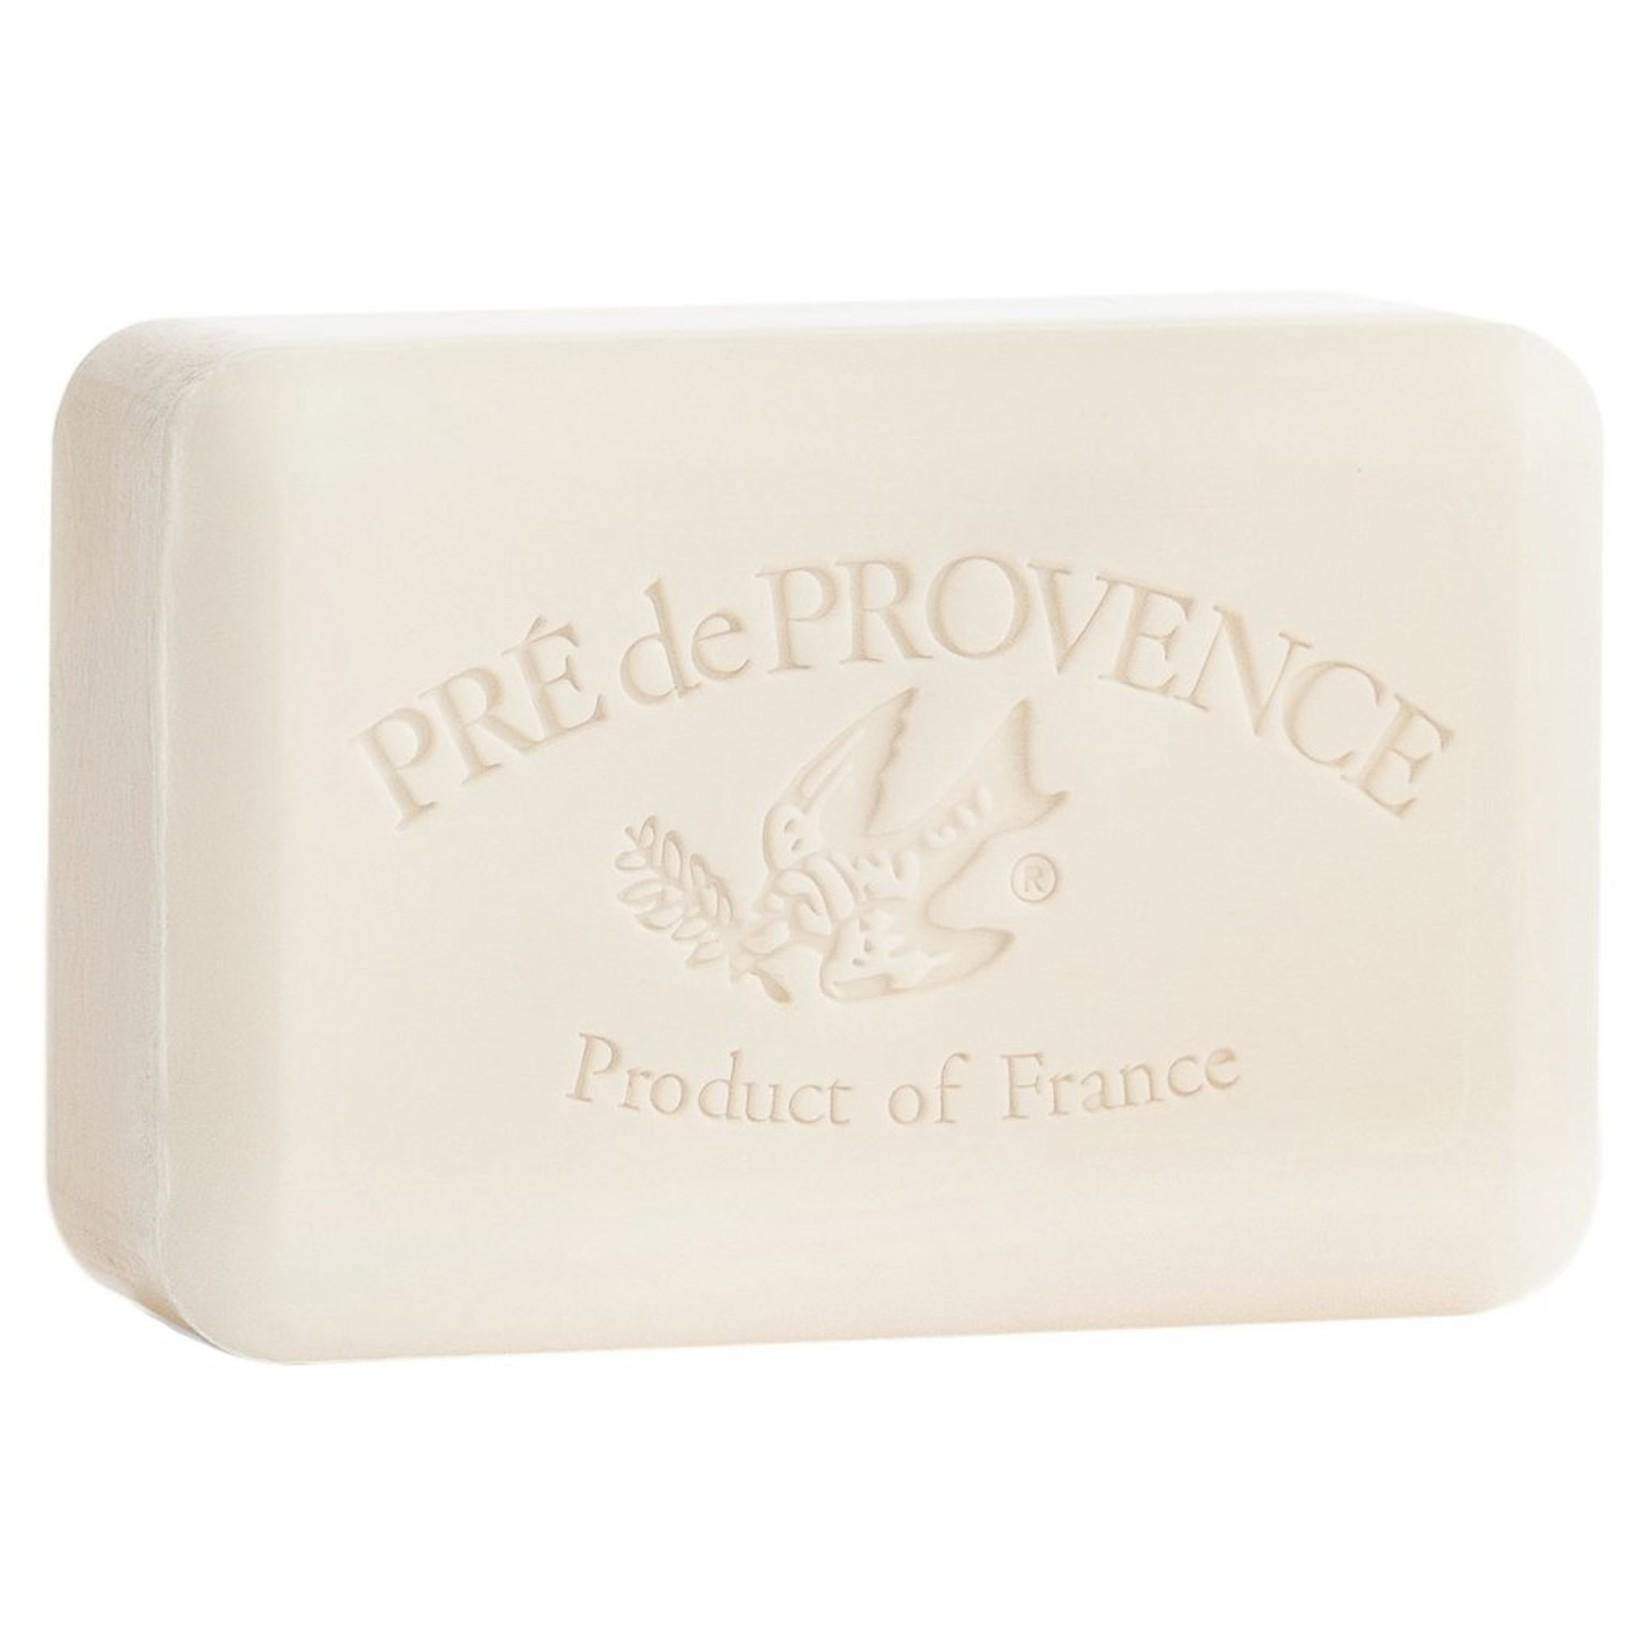 Pre de Provence Mirabelle Soap Bar